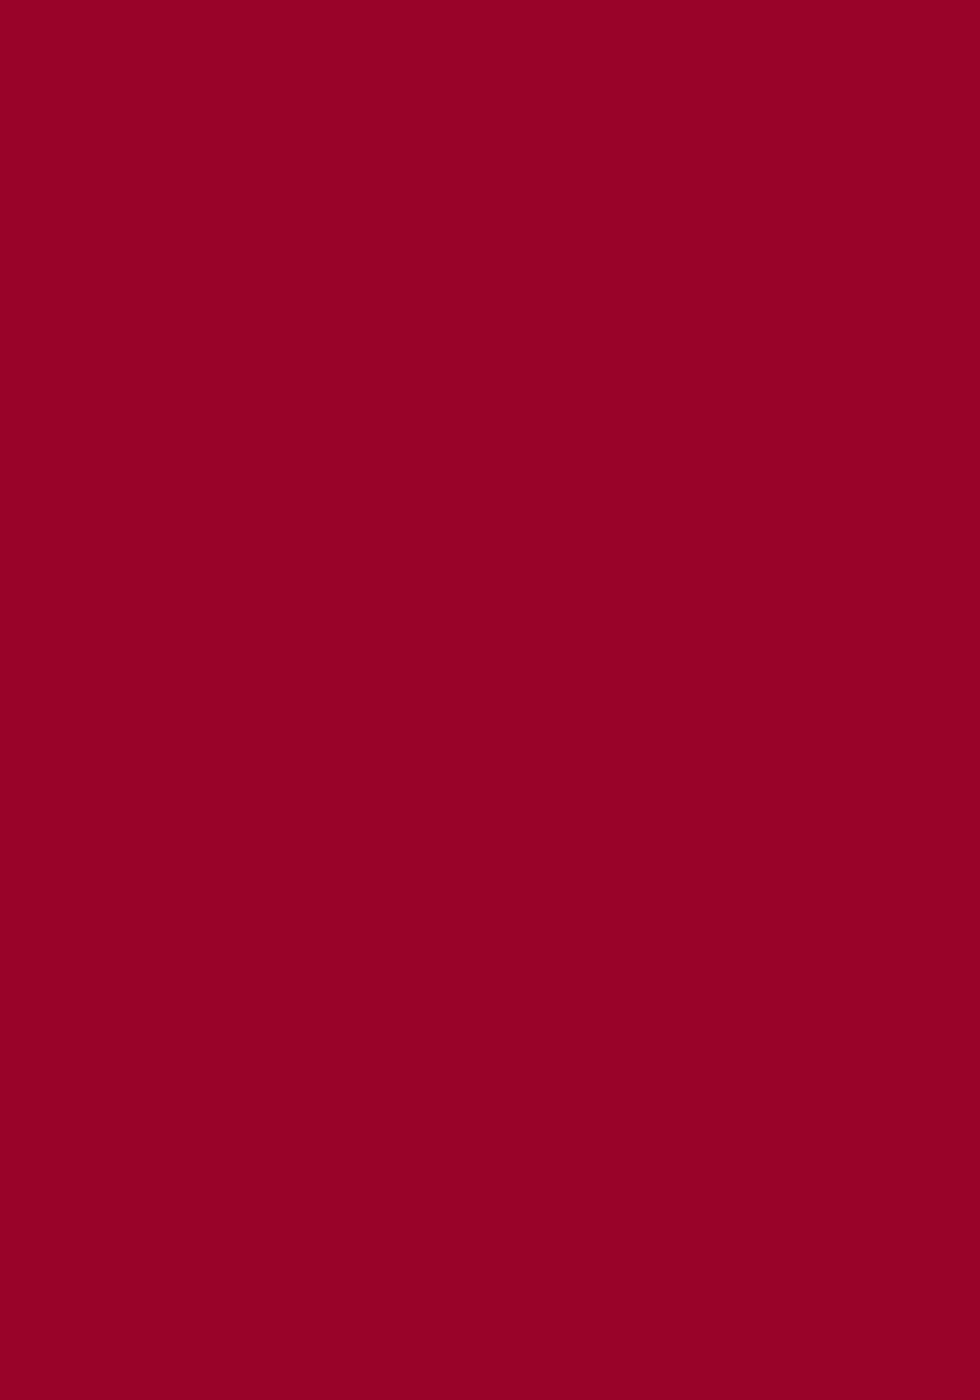 RV dunkle kirsche 30826